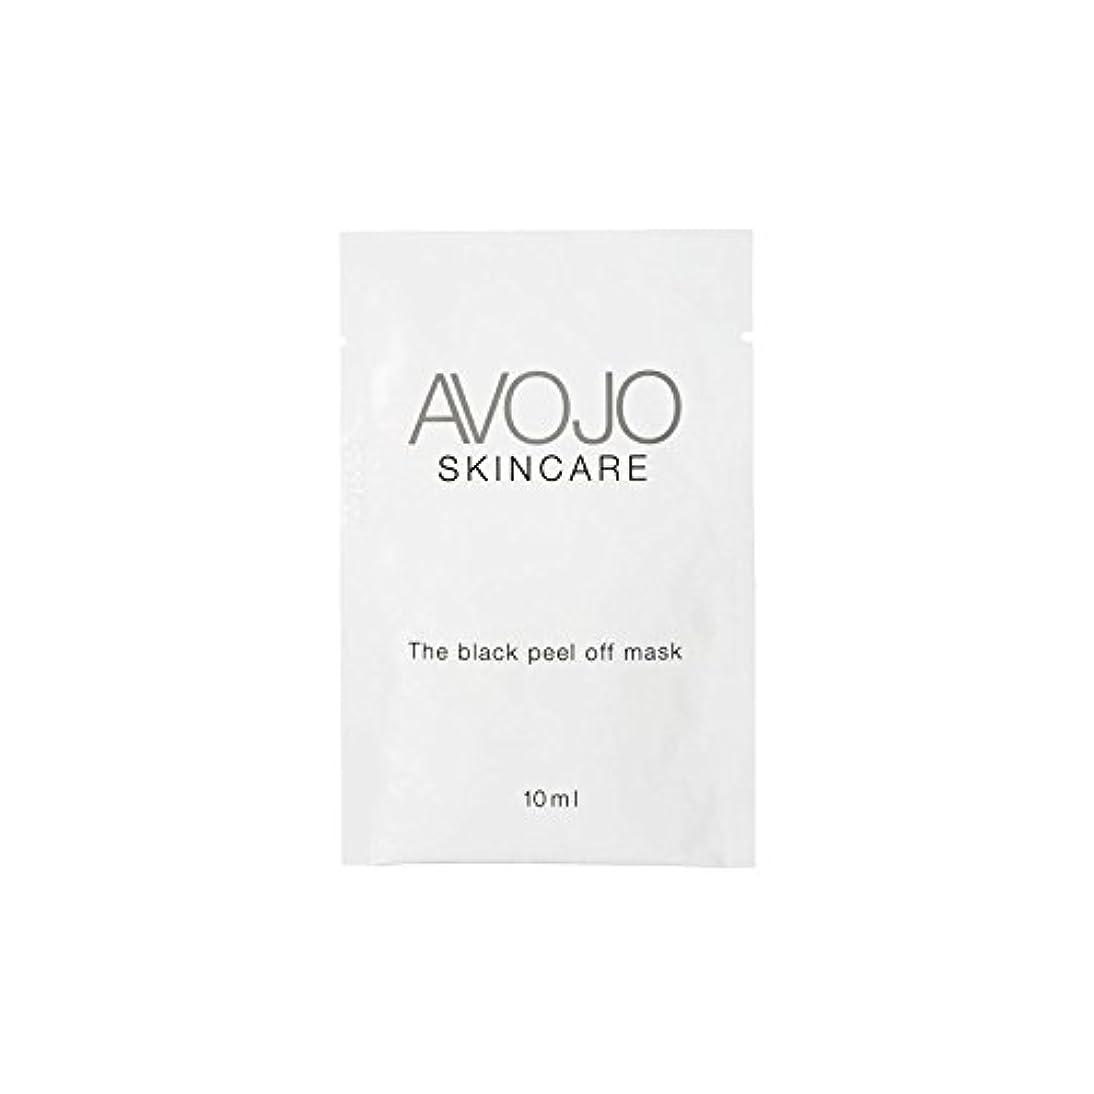 我慢する許可束ねる- ブラックピールオフマスク - 小袋(10ミリリットル×4) x4 - Avojo - The Black Peel Off Mask - Sachet (10ml X 4) (Pack of 4) [並行輸入品]